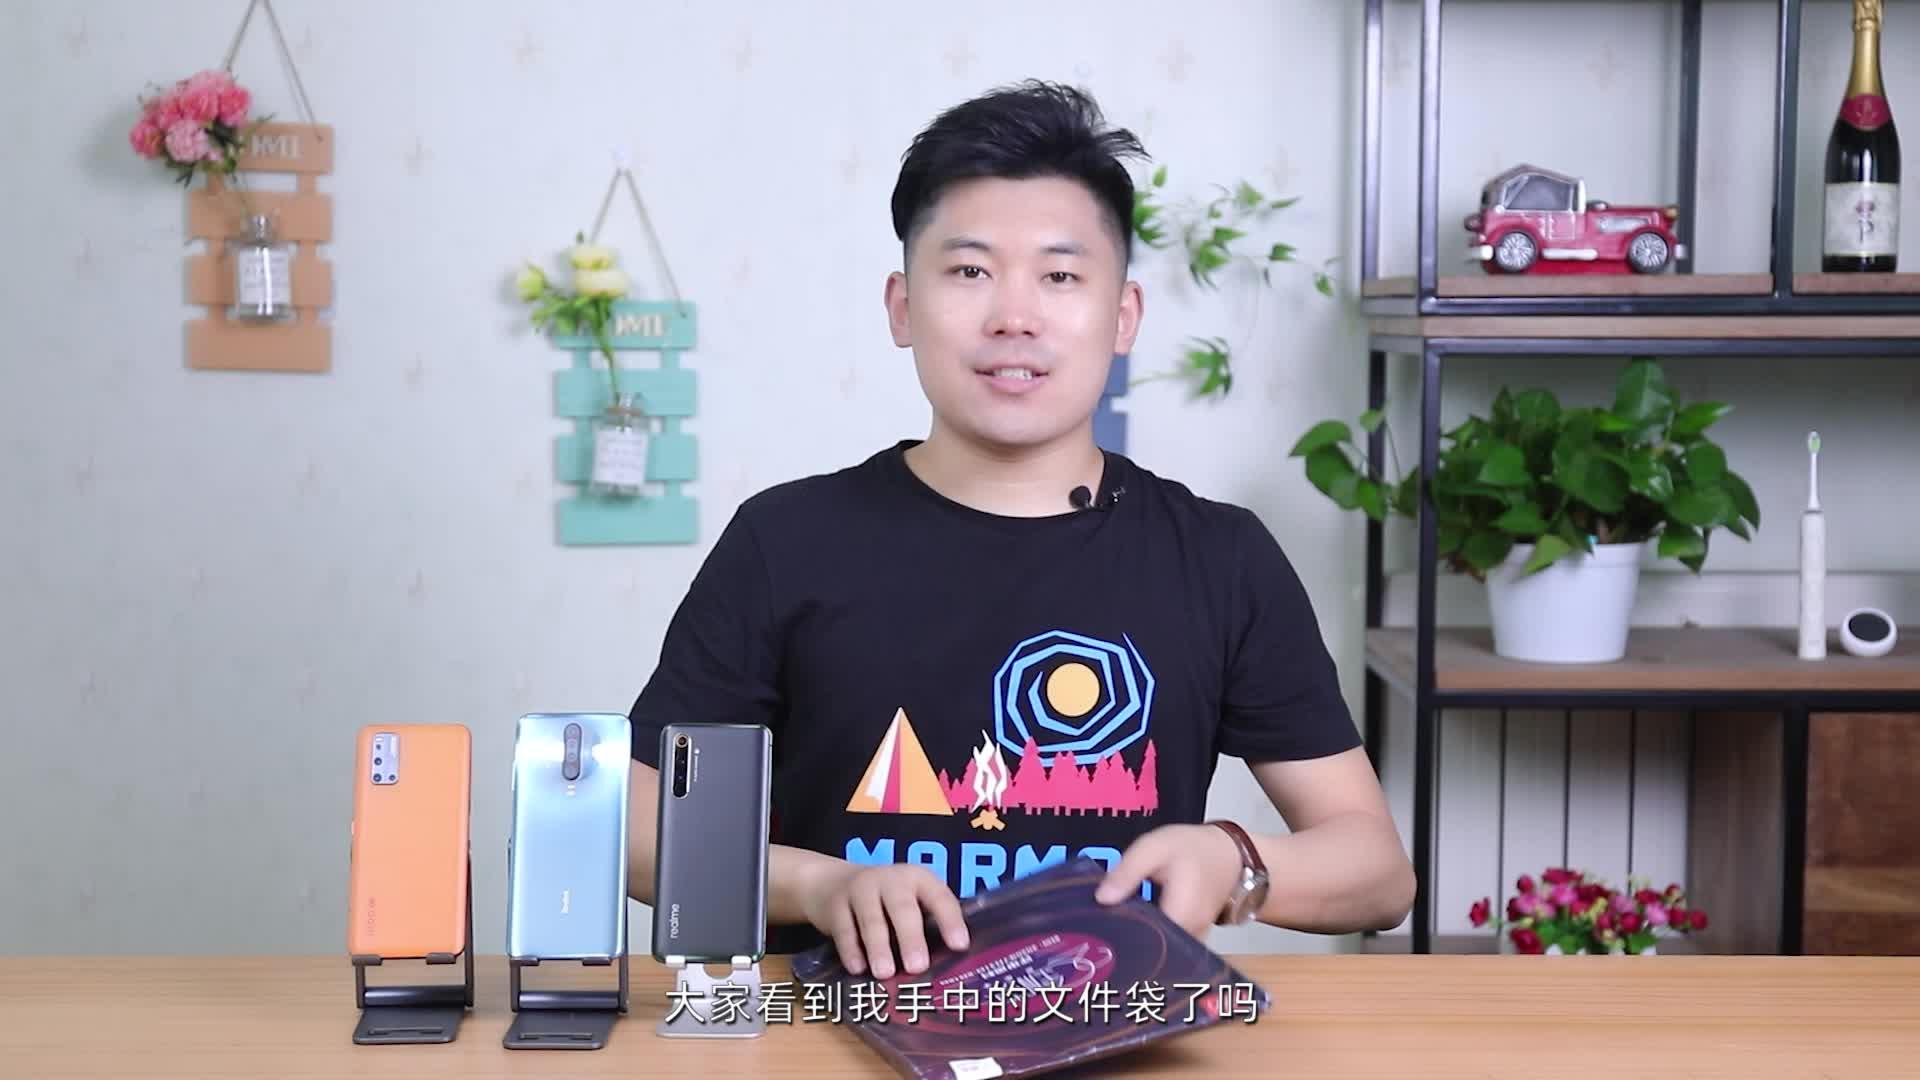 三款手机颜值解析:iQOO 3、Redmi K30极速版、realme X50 Pro